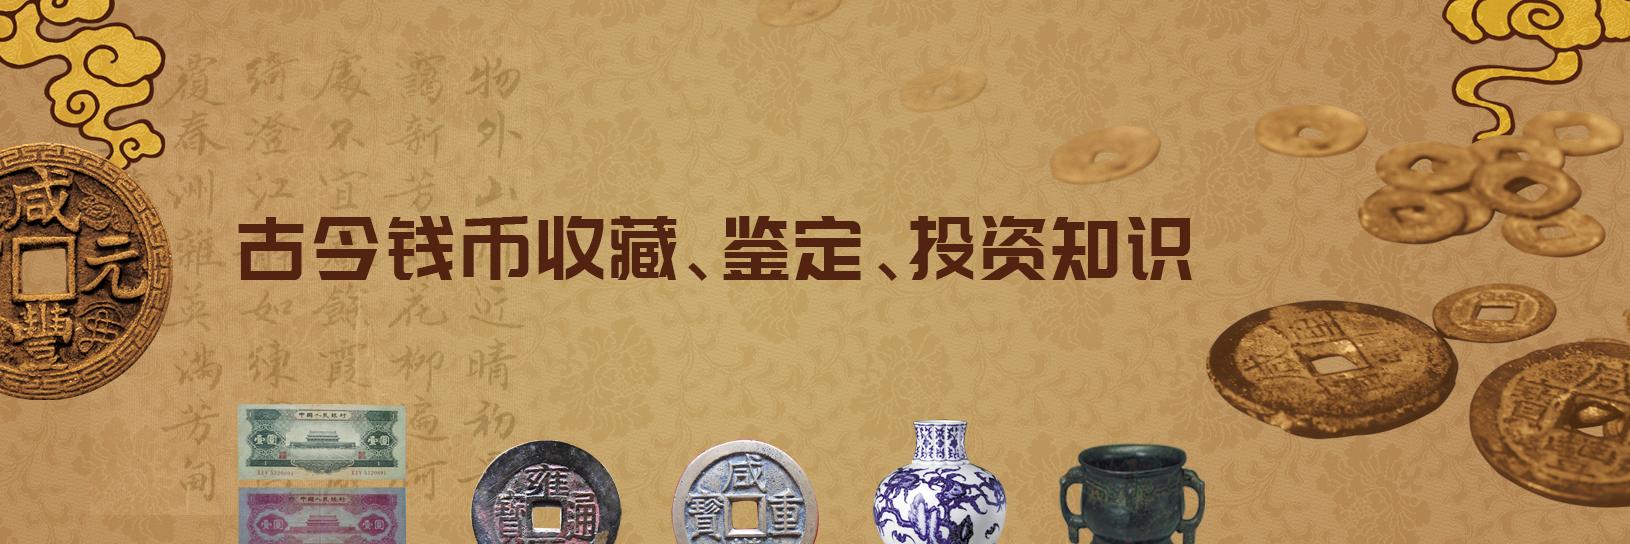 汇集古今钱币收藏、鉴定、投资知识及图文资料